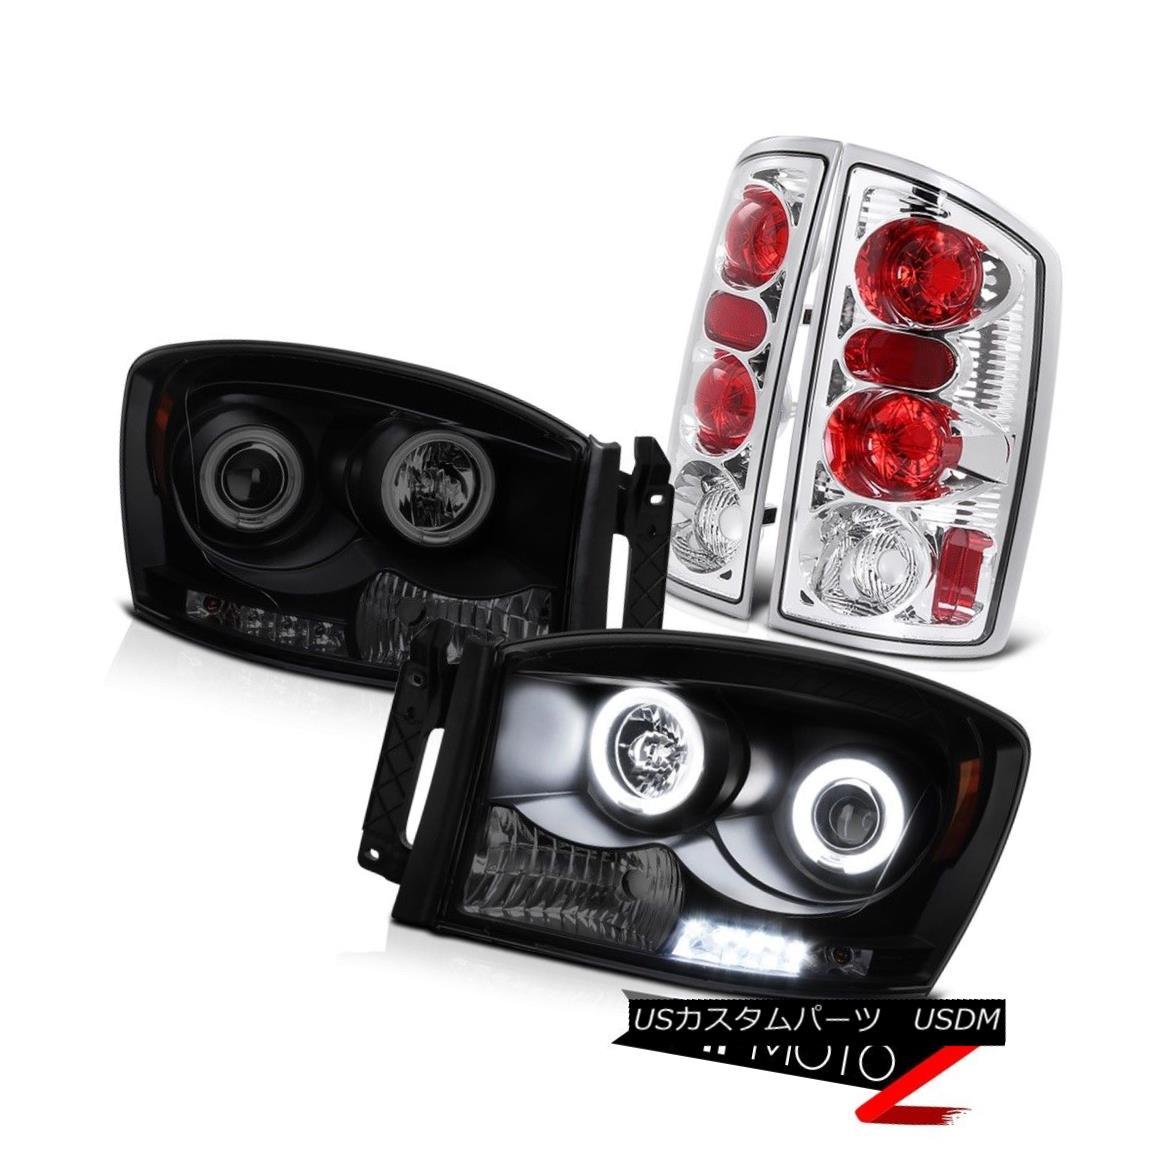 ヘッドライト 2006 Ram 1500 2500 3500 [BRIGHTEST] CCFL Halo Headlights Euro Chrome Tail Lamps 2006 Ram 1500 2500 3500 [明るい] CCFL Haloヘッドライトユーロクロームテールランプ